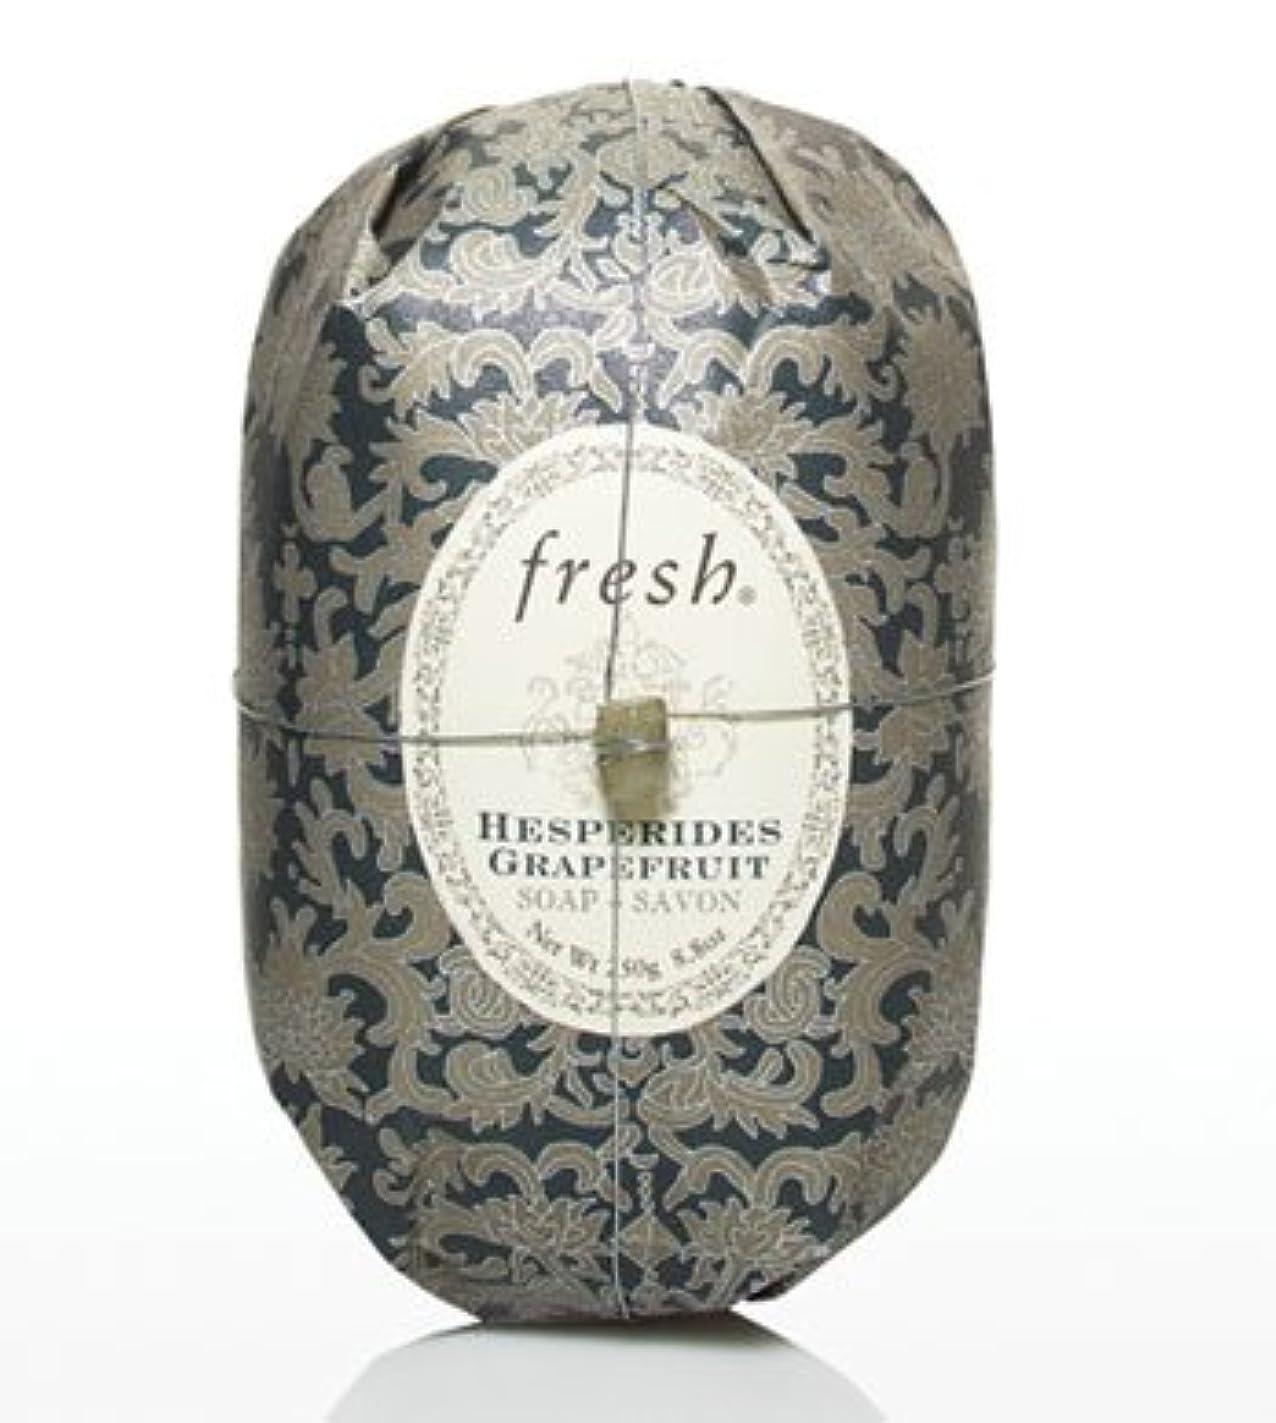 飽和する効果的に薬局Fresh HESPERIDES GRAPEFRUIT SOAP (フレッシュ ヘスペリデス グレープフルーツ ソープ) 8.8 oz (250g) Soap (石鹸) by Fresh